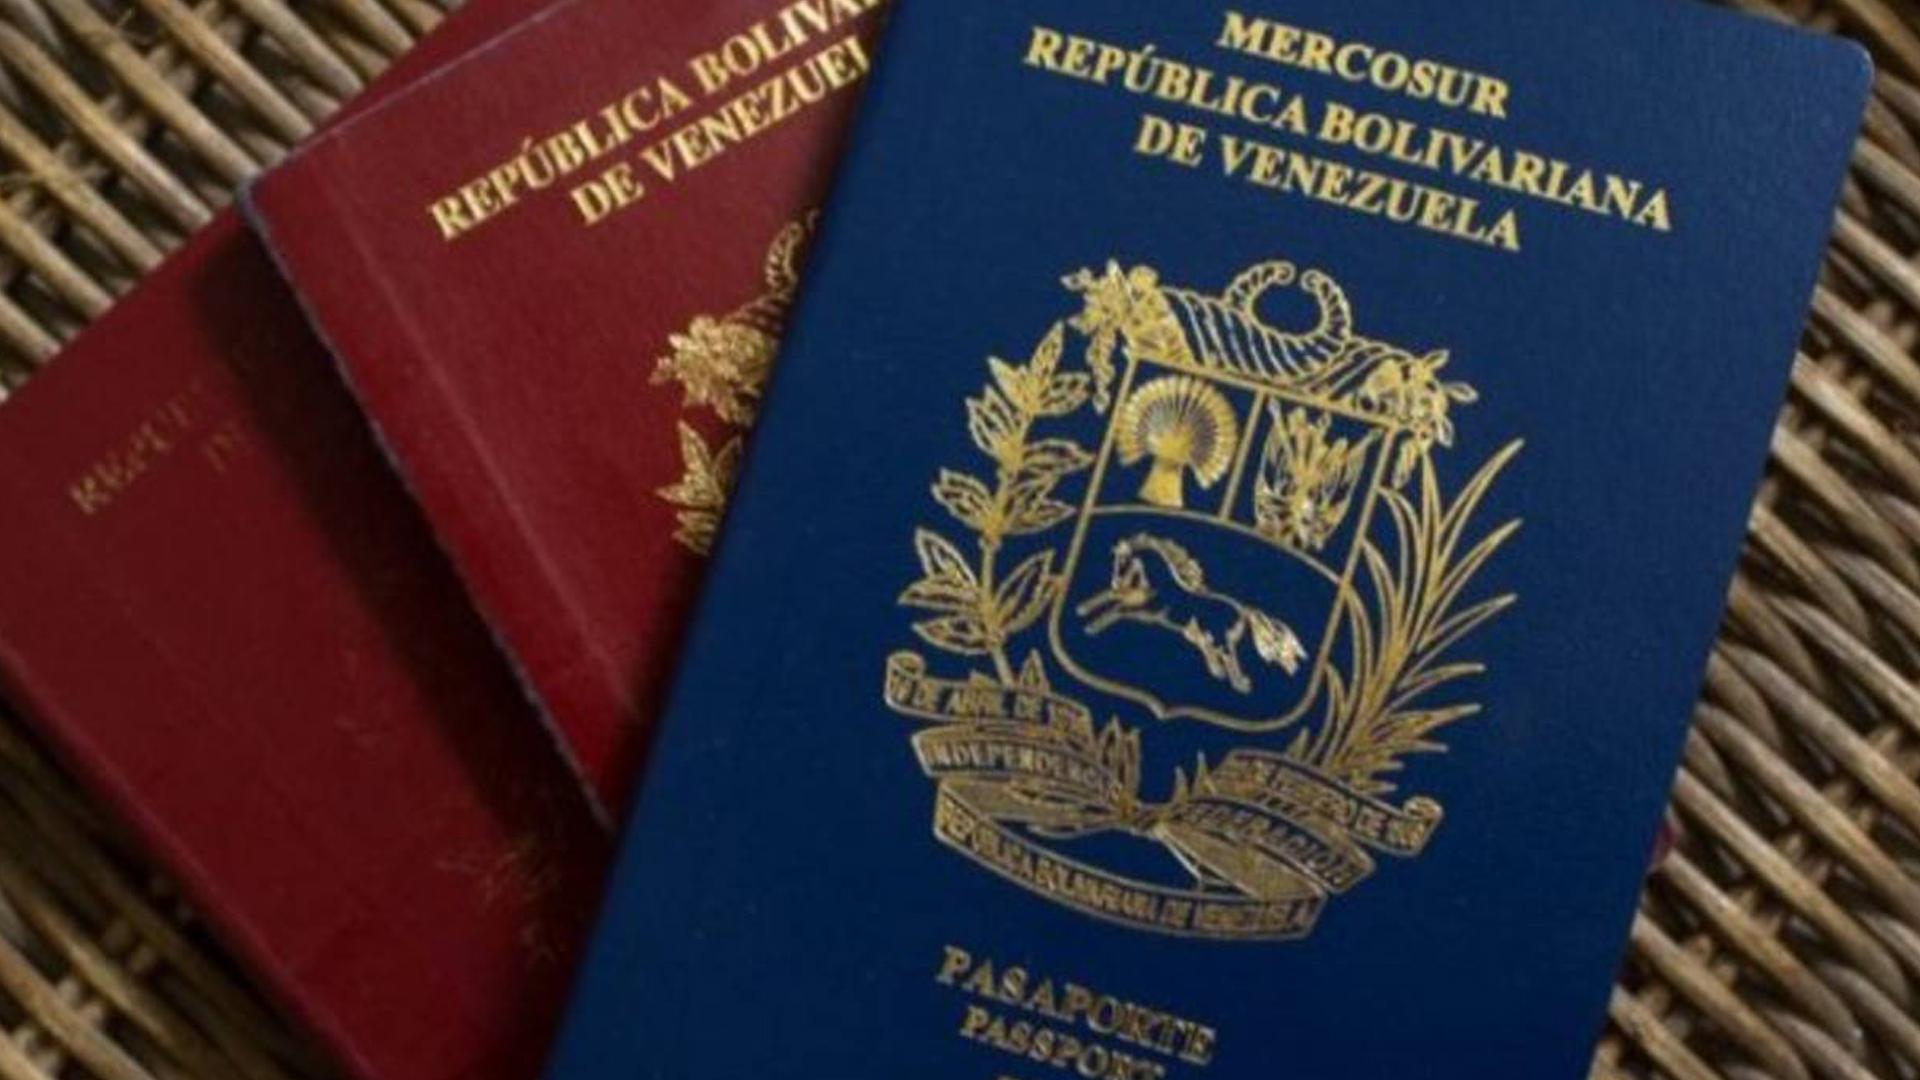 Estos son los requisitos para solicitar la visa a República Dominicana, que cuesta 250 dólares